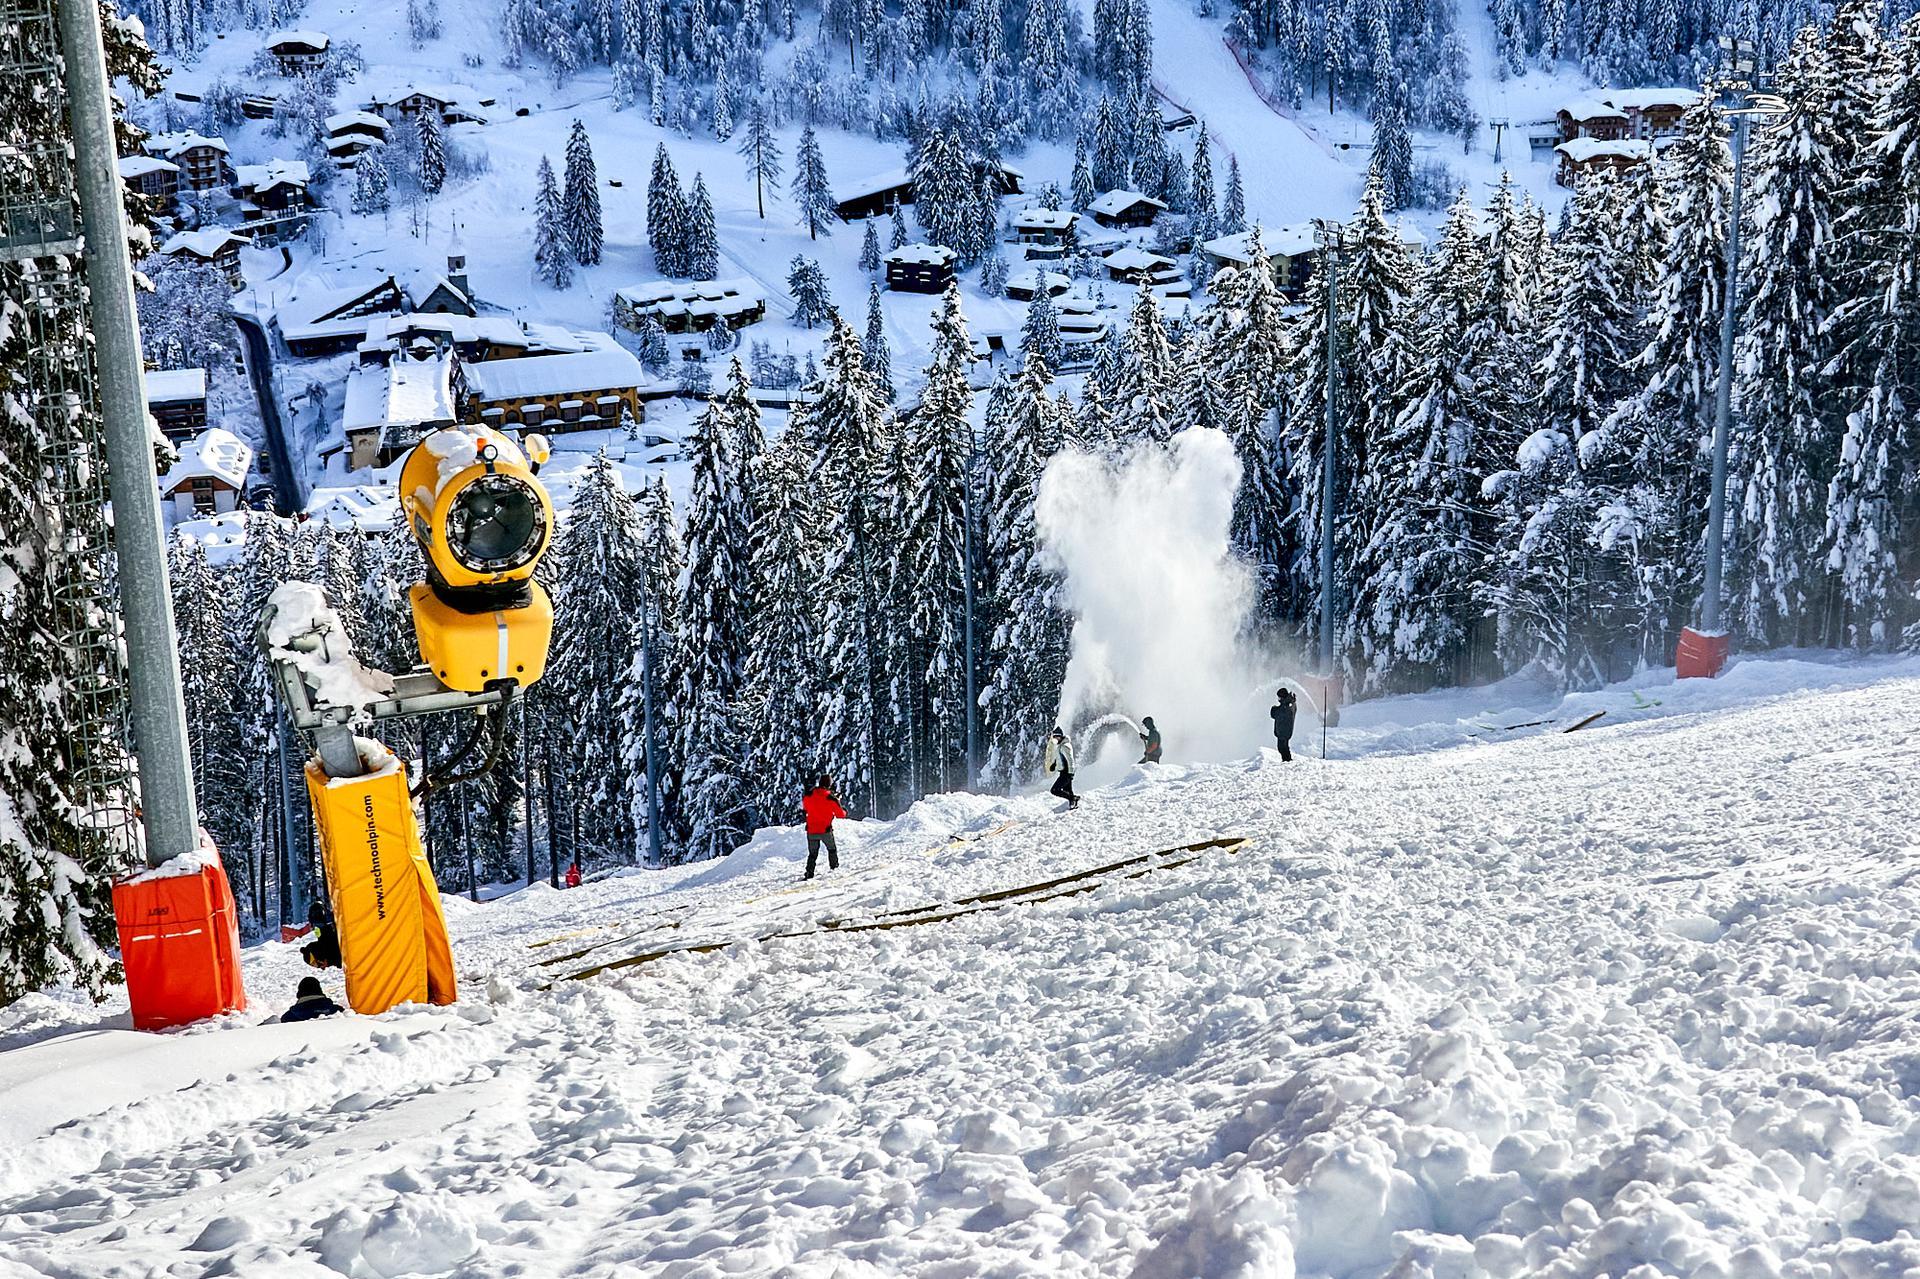 I lavori sulla pista Canalone Miramonti che martedì 22 dicembre ospiterà lo slalom notturno di Coppa del Mondo (Credits: Foto Bisti):